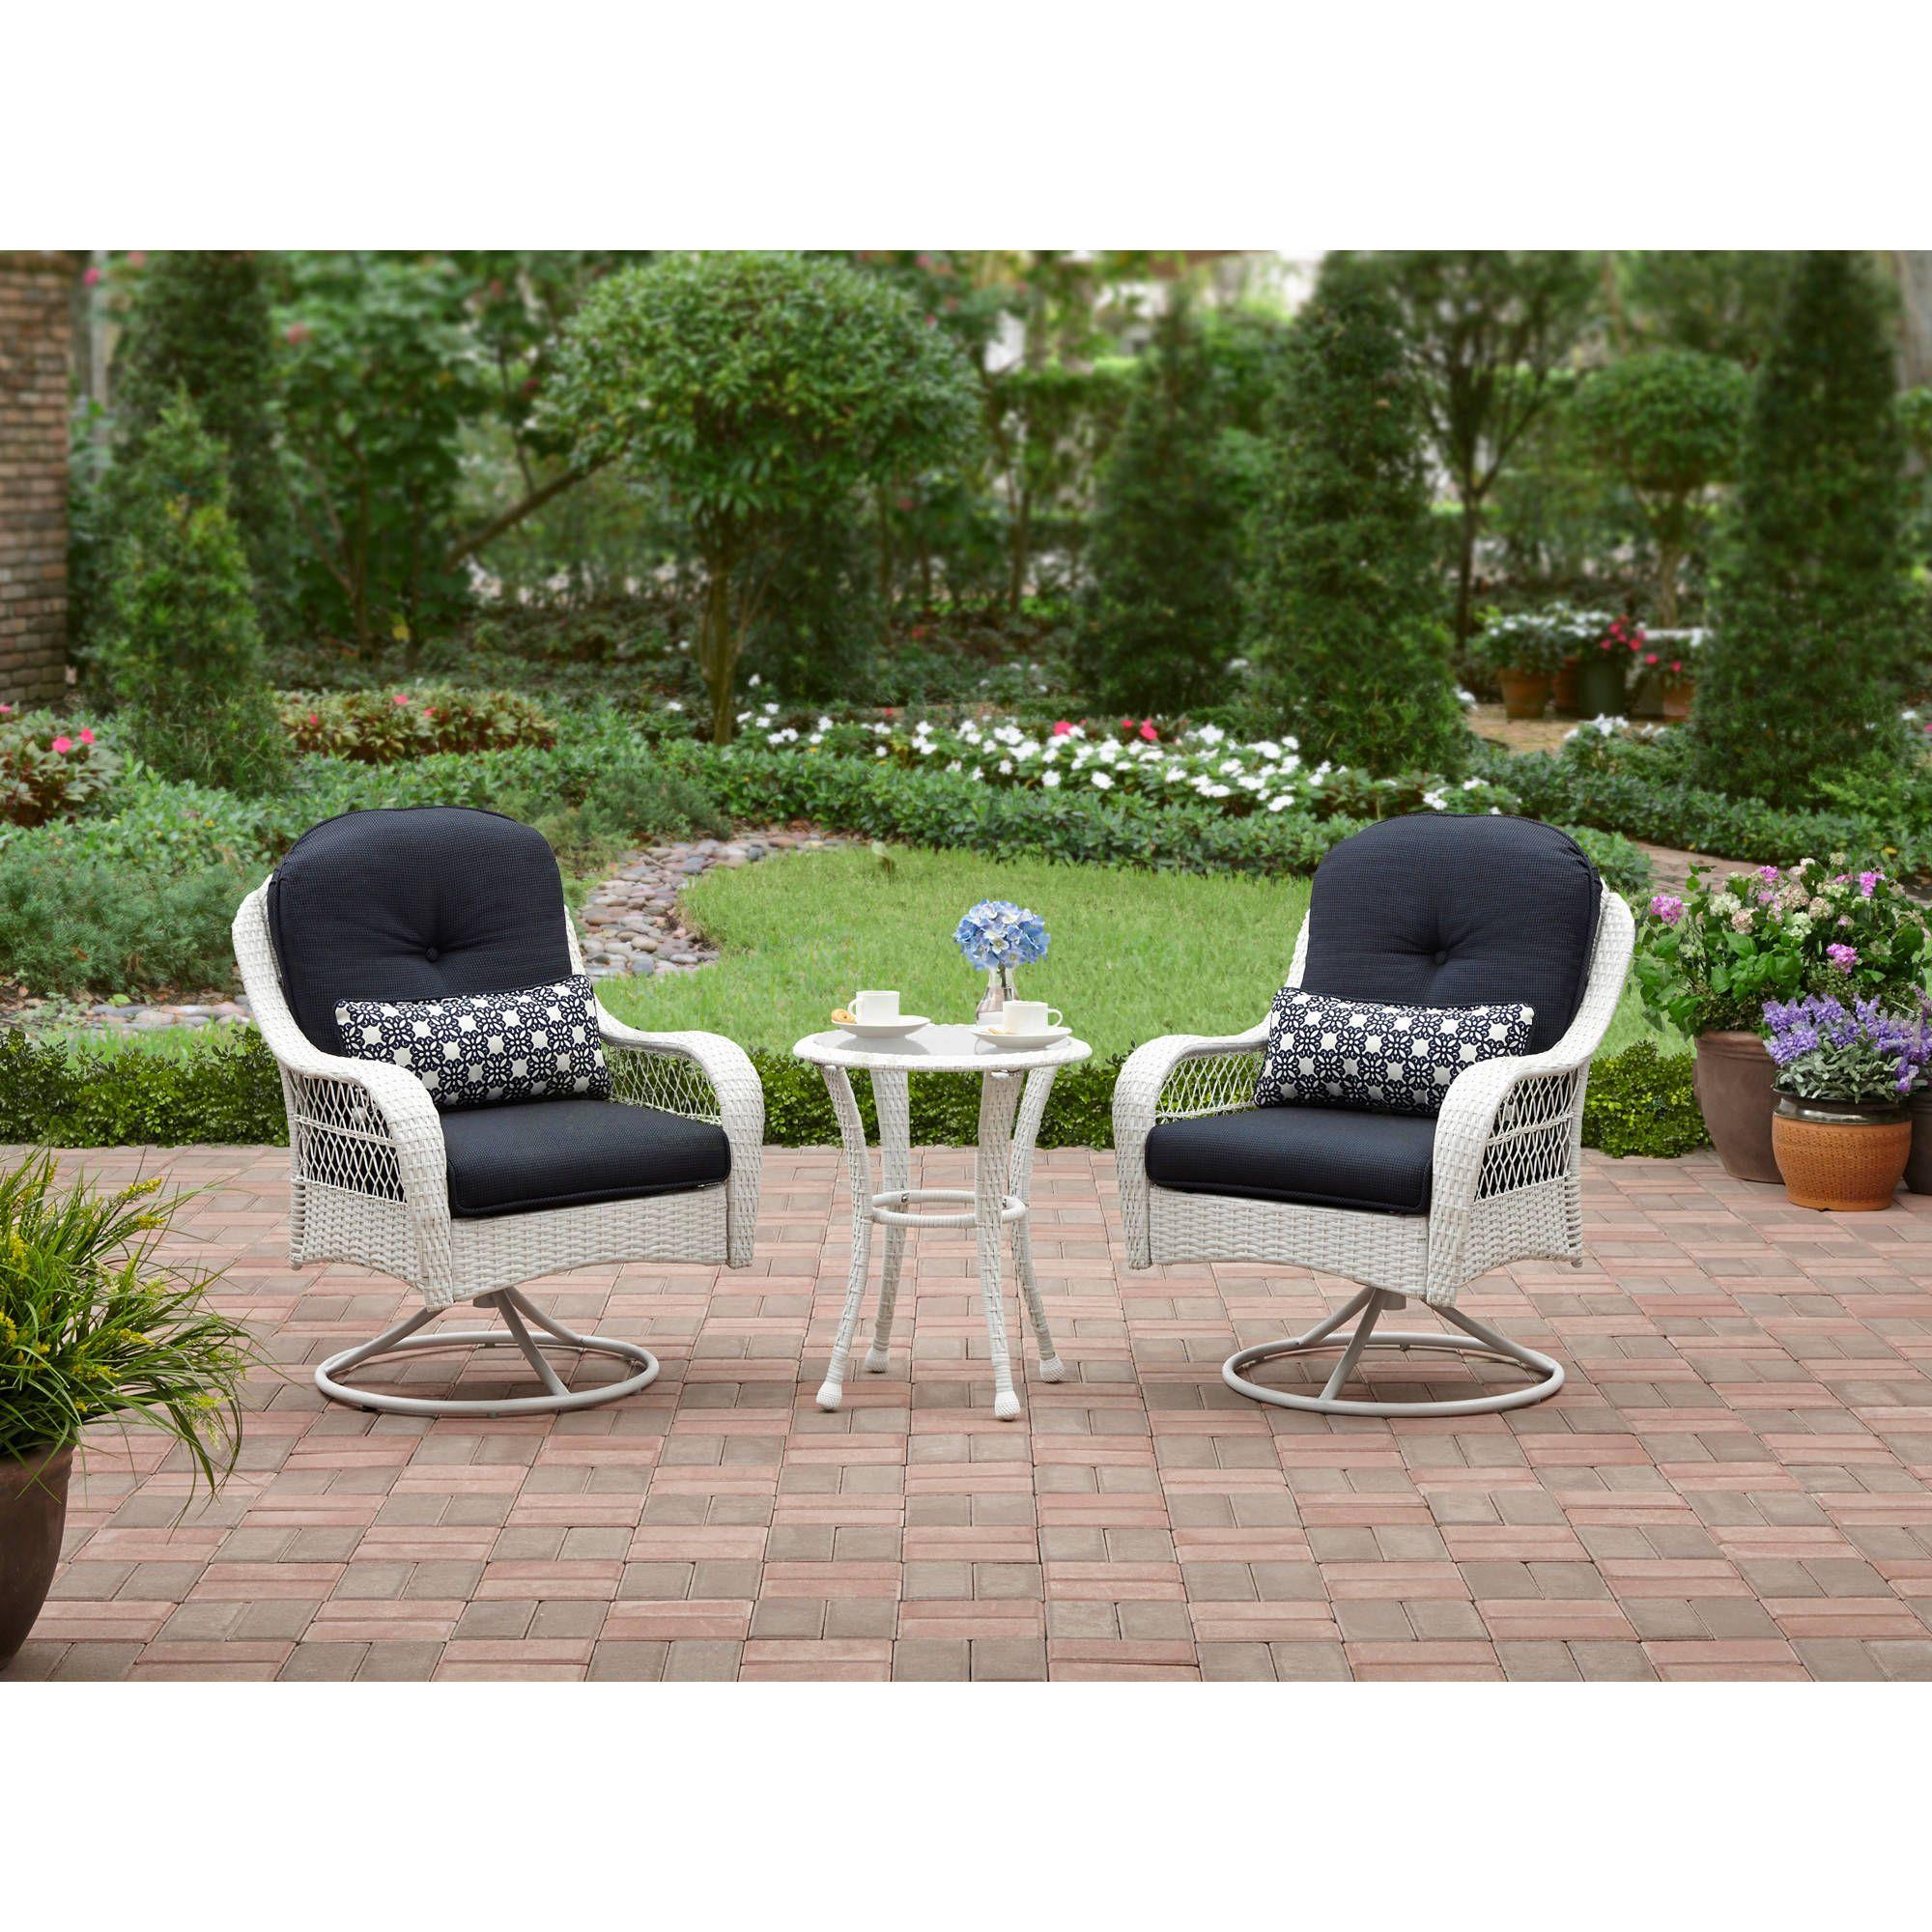 30d3c1a2d60314333e7eec8f76e410ac - Better Homes And Gardens Azalea Ridge 5 Piece